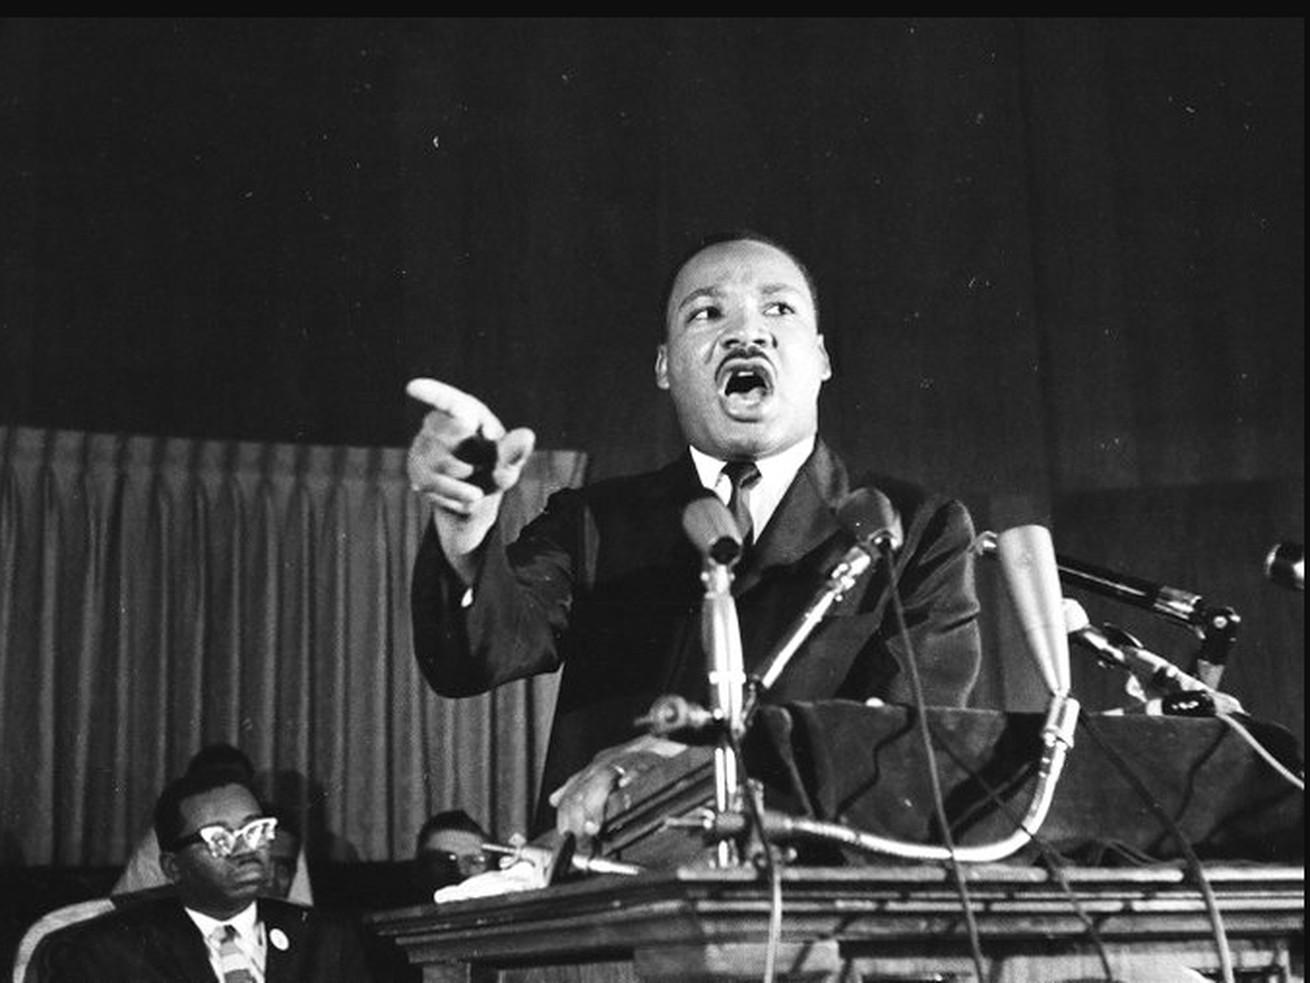 Dr. Martin Luther King, Jr., speaks at El Bethel Baptish Church in Chicago